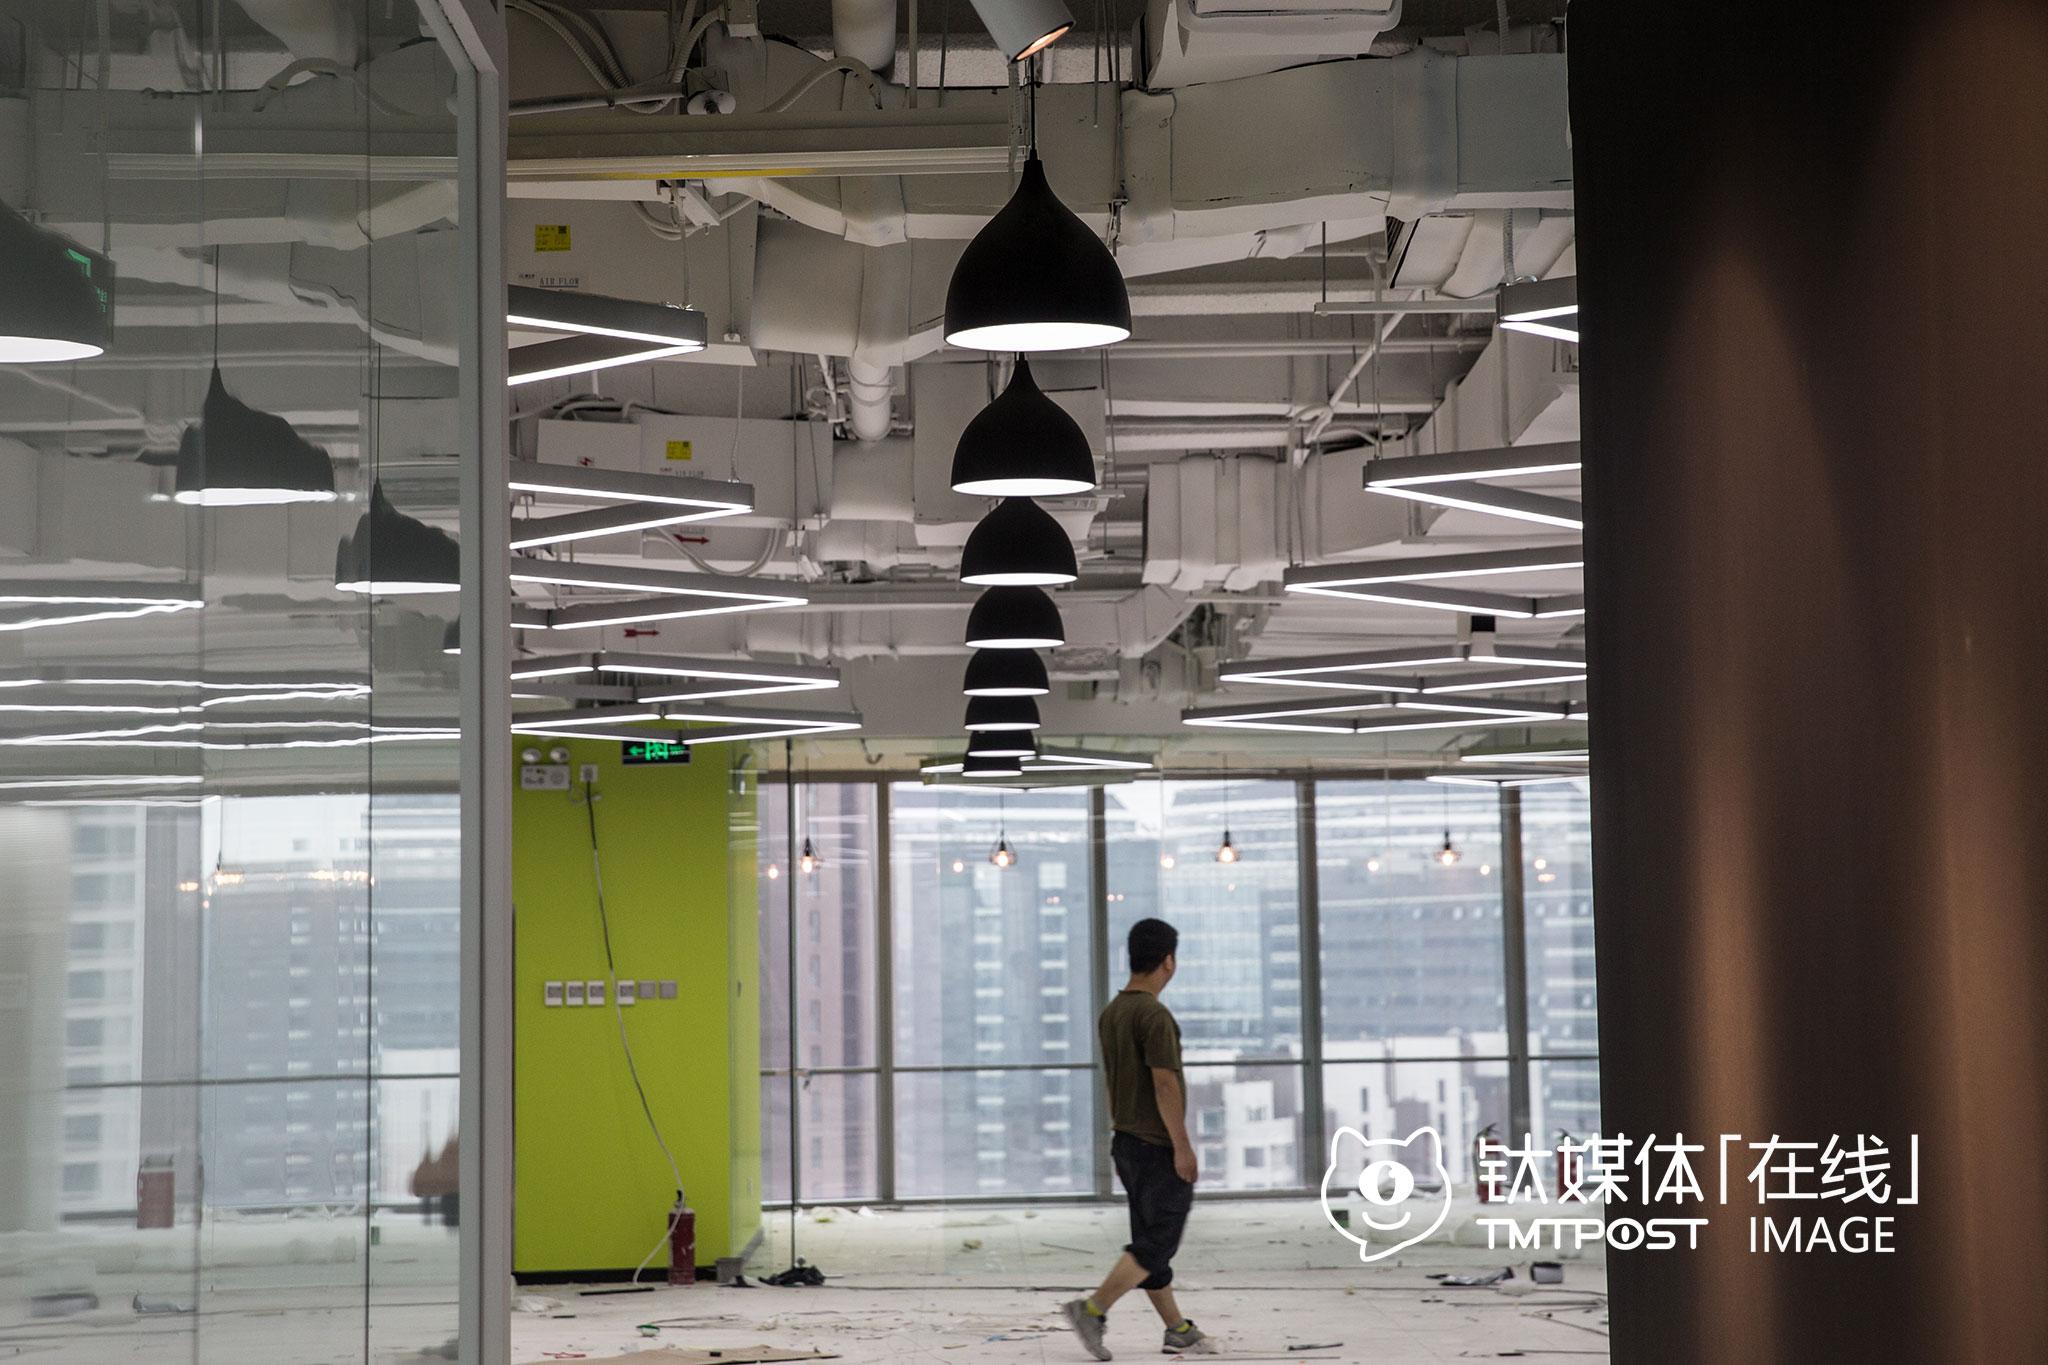 """2016年7月15日,北京浦项中心,网红孵化平台网星梦工厂的新办公室内,装修工人在进行最后的施工。这个一千多平的办公空间,将成为一个""""网红挖掘、培训、包装、推广"""",批量产出网红。"""